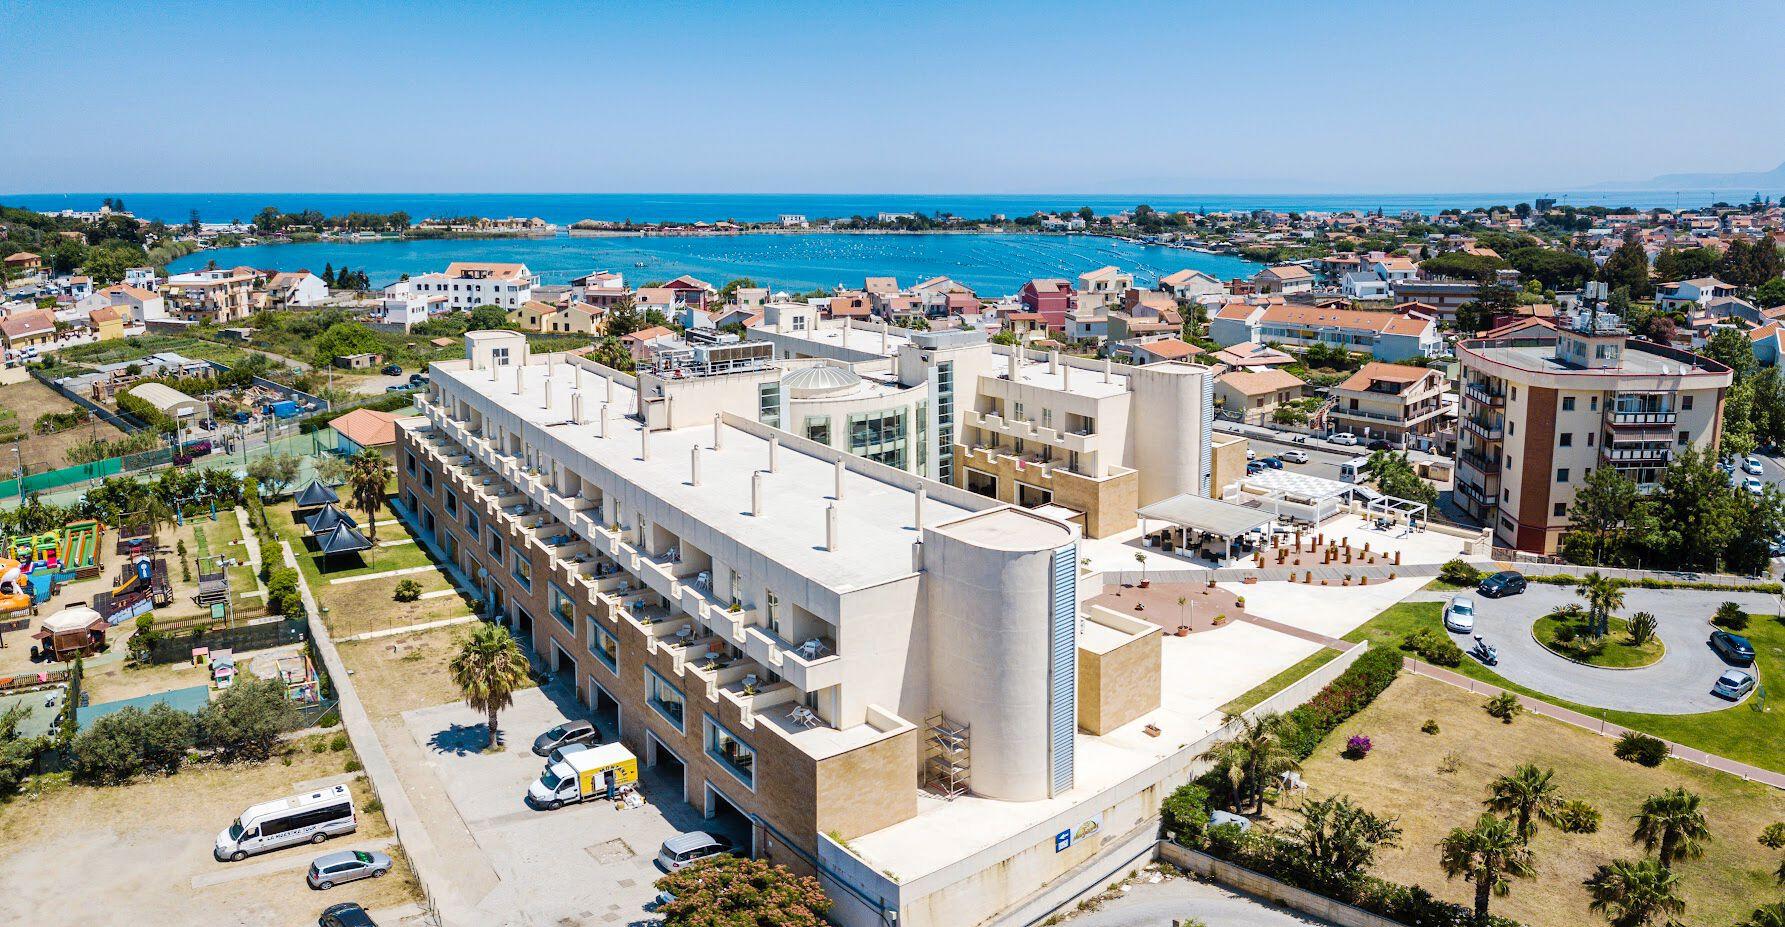 Capo Peloro Resort - 4*